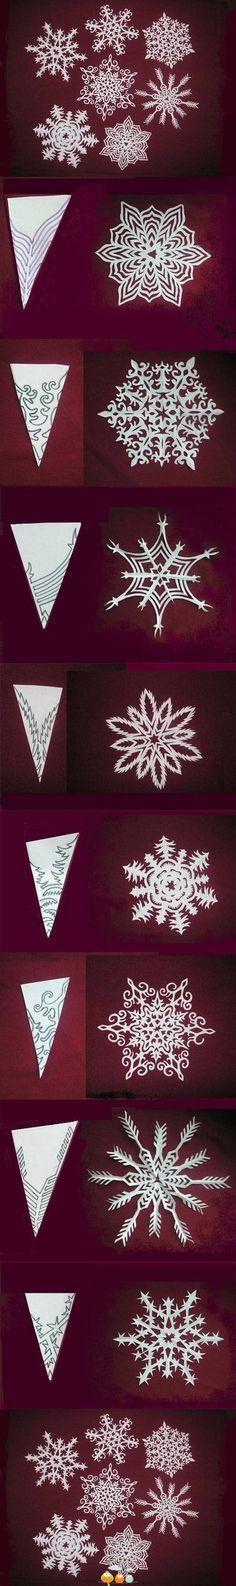 Idee für Weihnachtskarten 2013